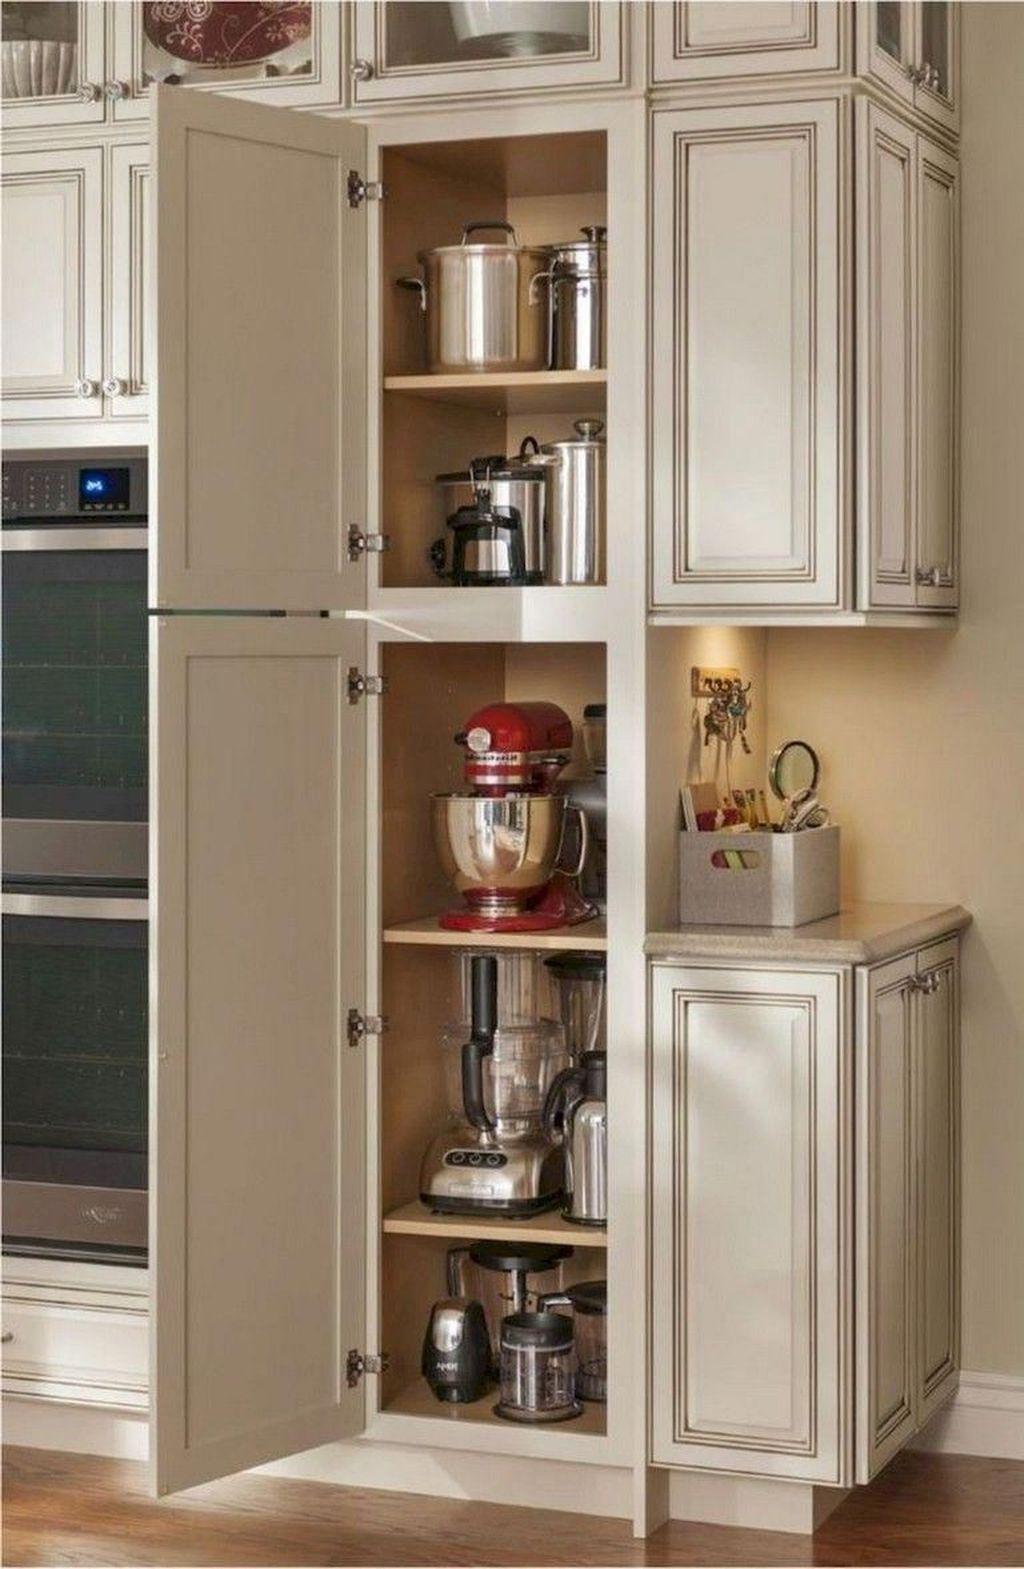 Amazing Organized Farmhouse Kitchen Decor Ideas 47